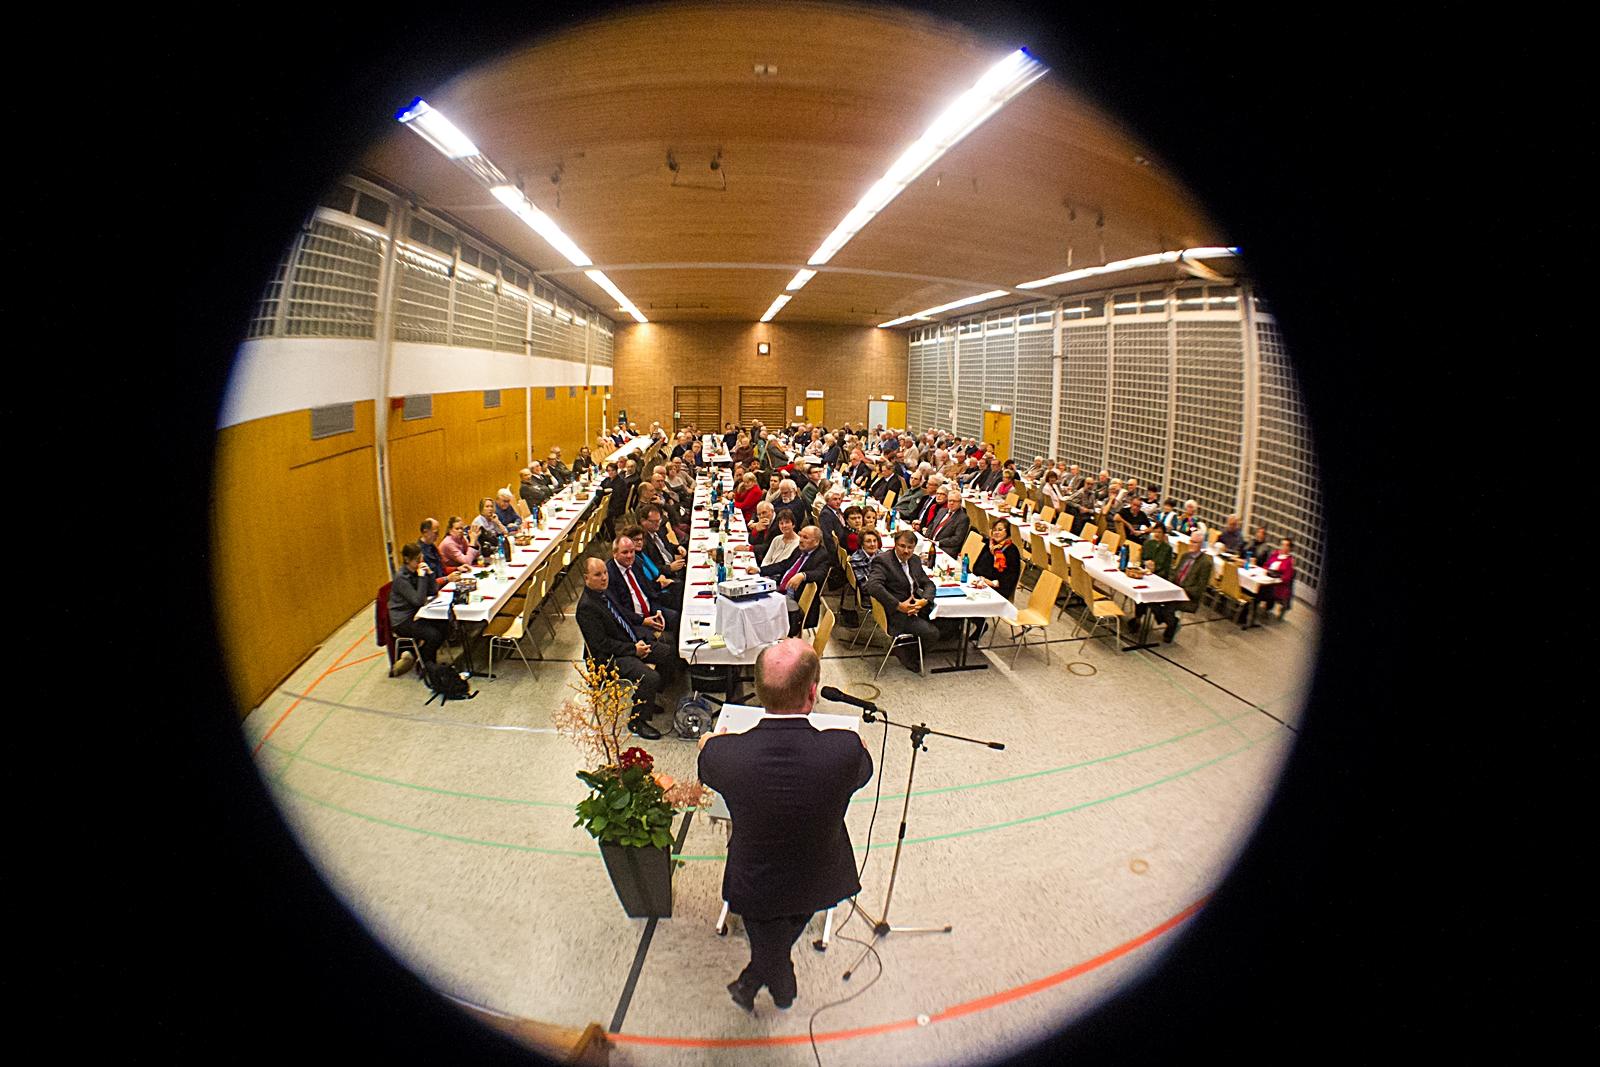 Grußworte von Bürgermeister Uwe Becker